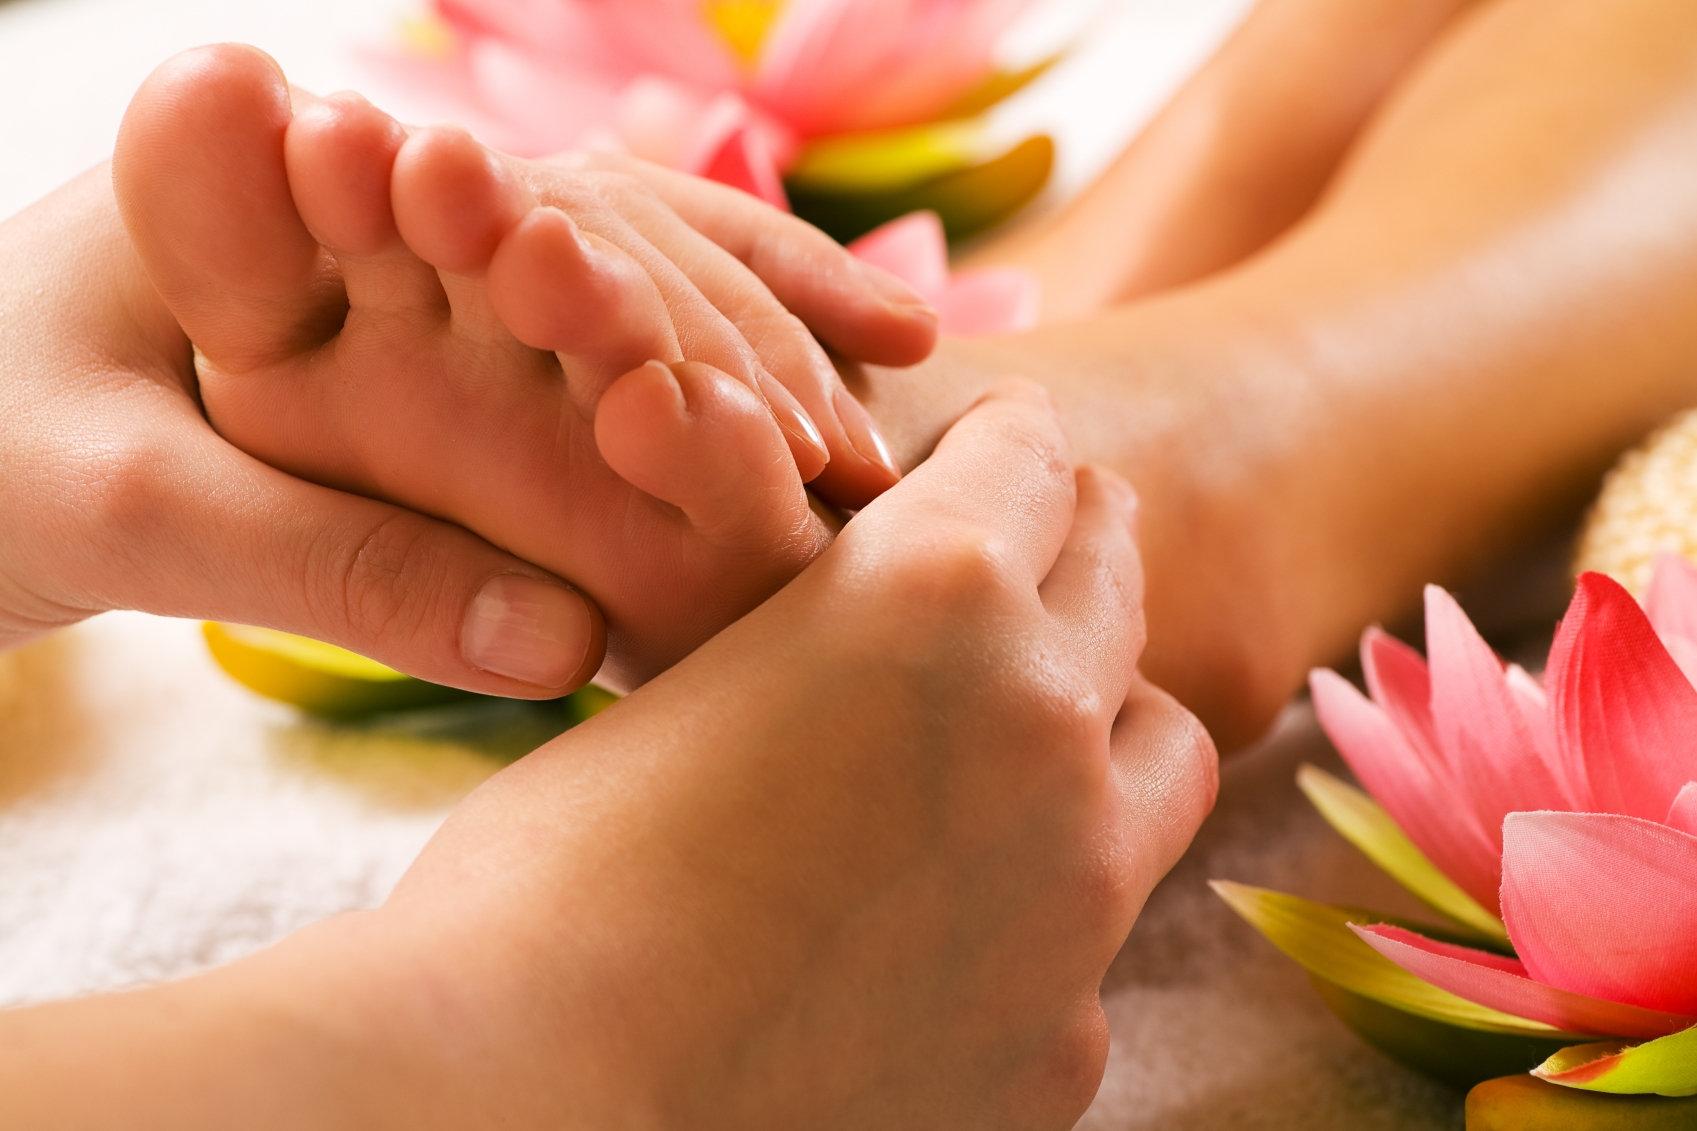 Reflexology Add-On: Foot Soak